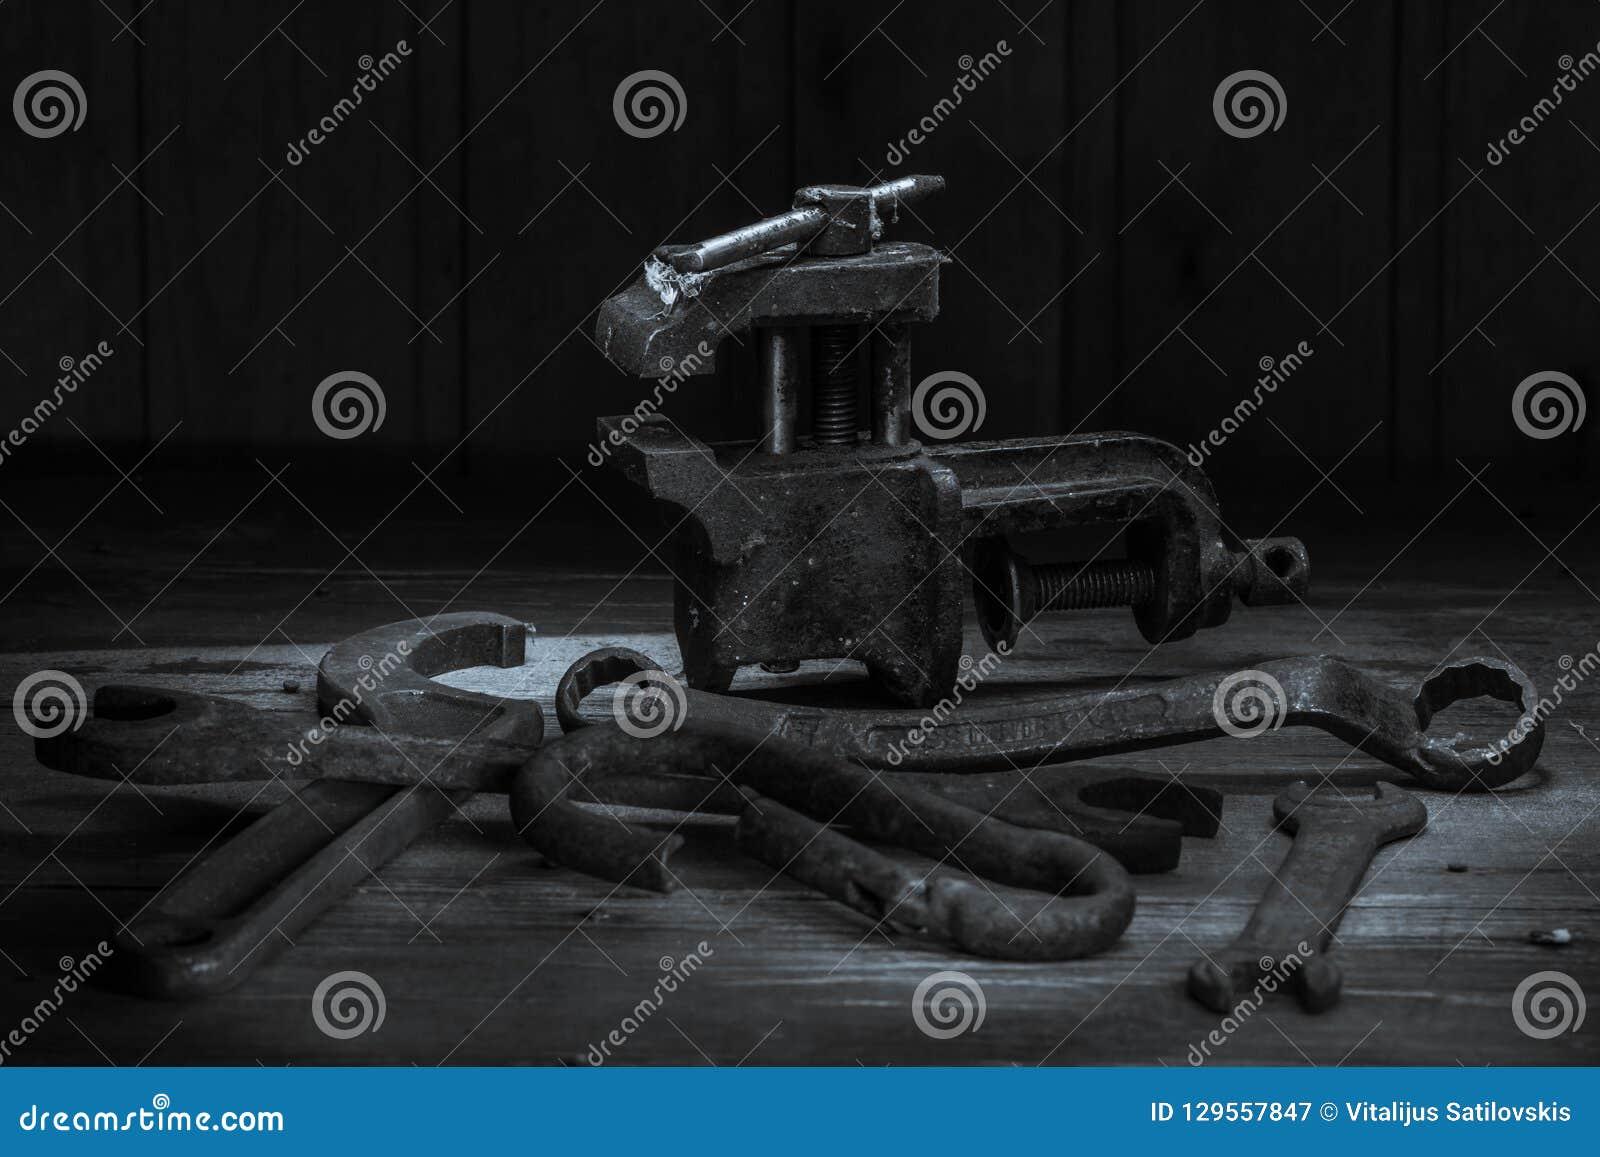 Vieil outil rouillé dans la chambre noire, endroit totalement sombre, jouant avec des lumières, vieille substance, vice, clés sur